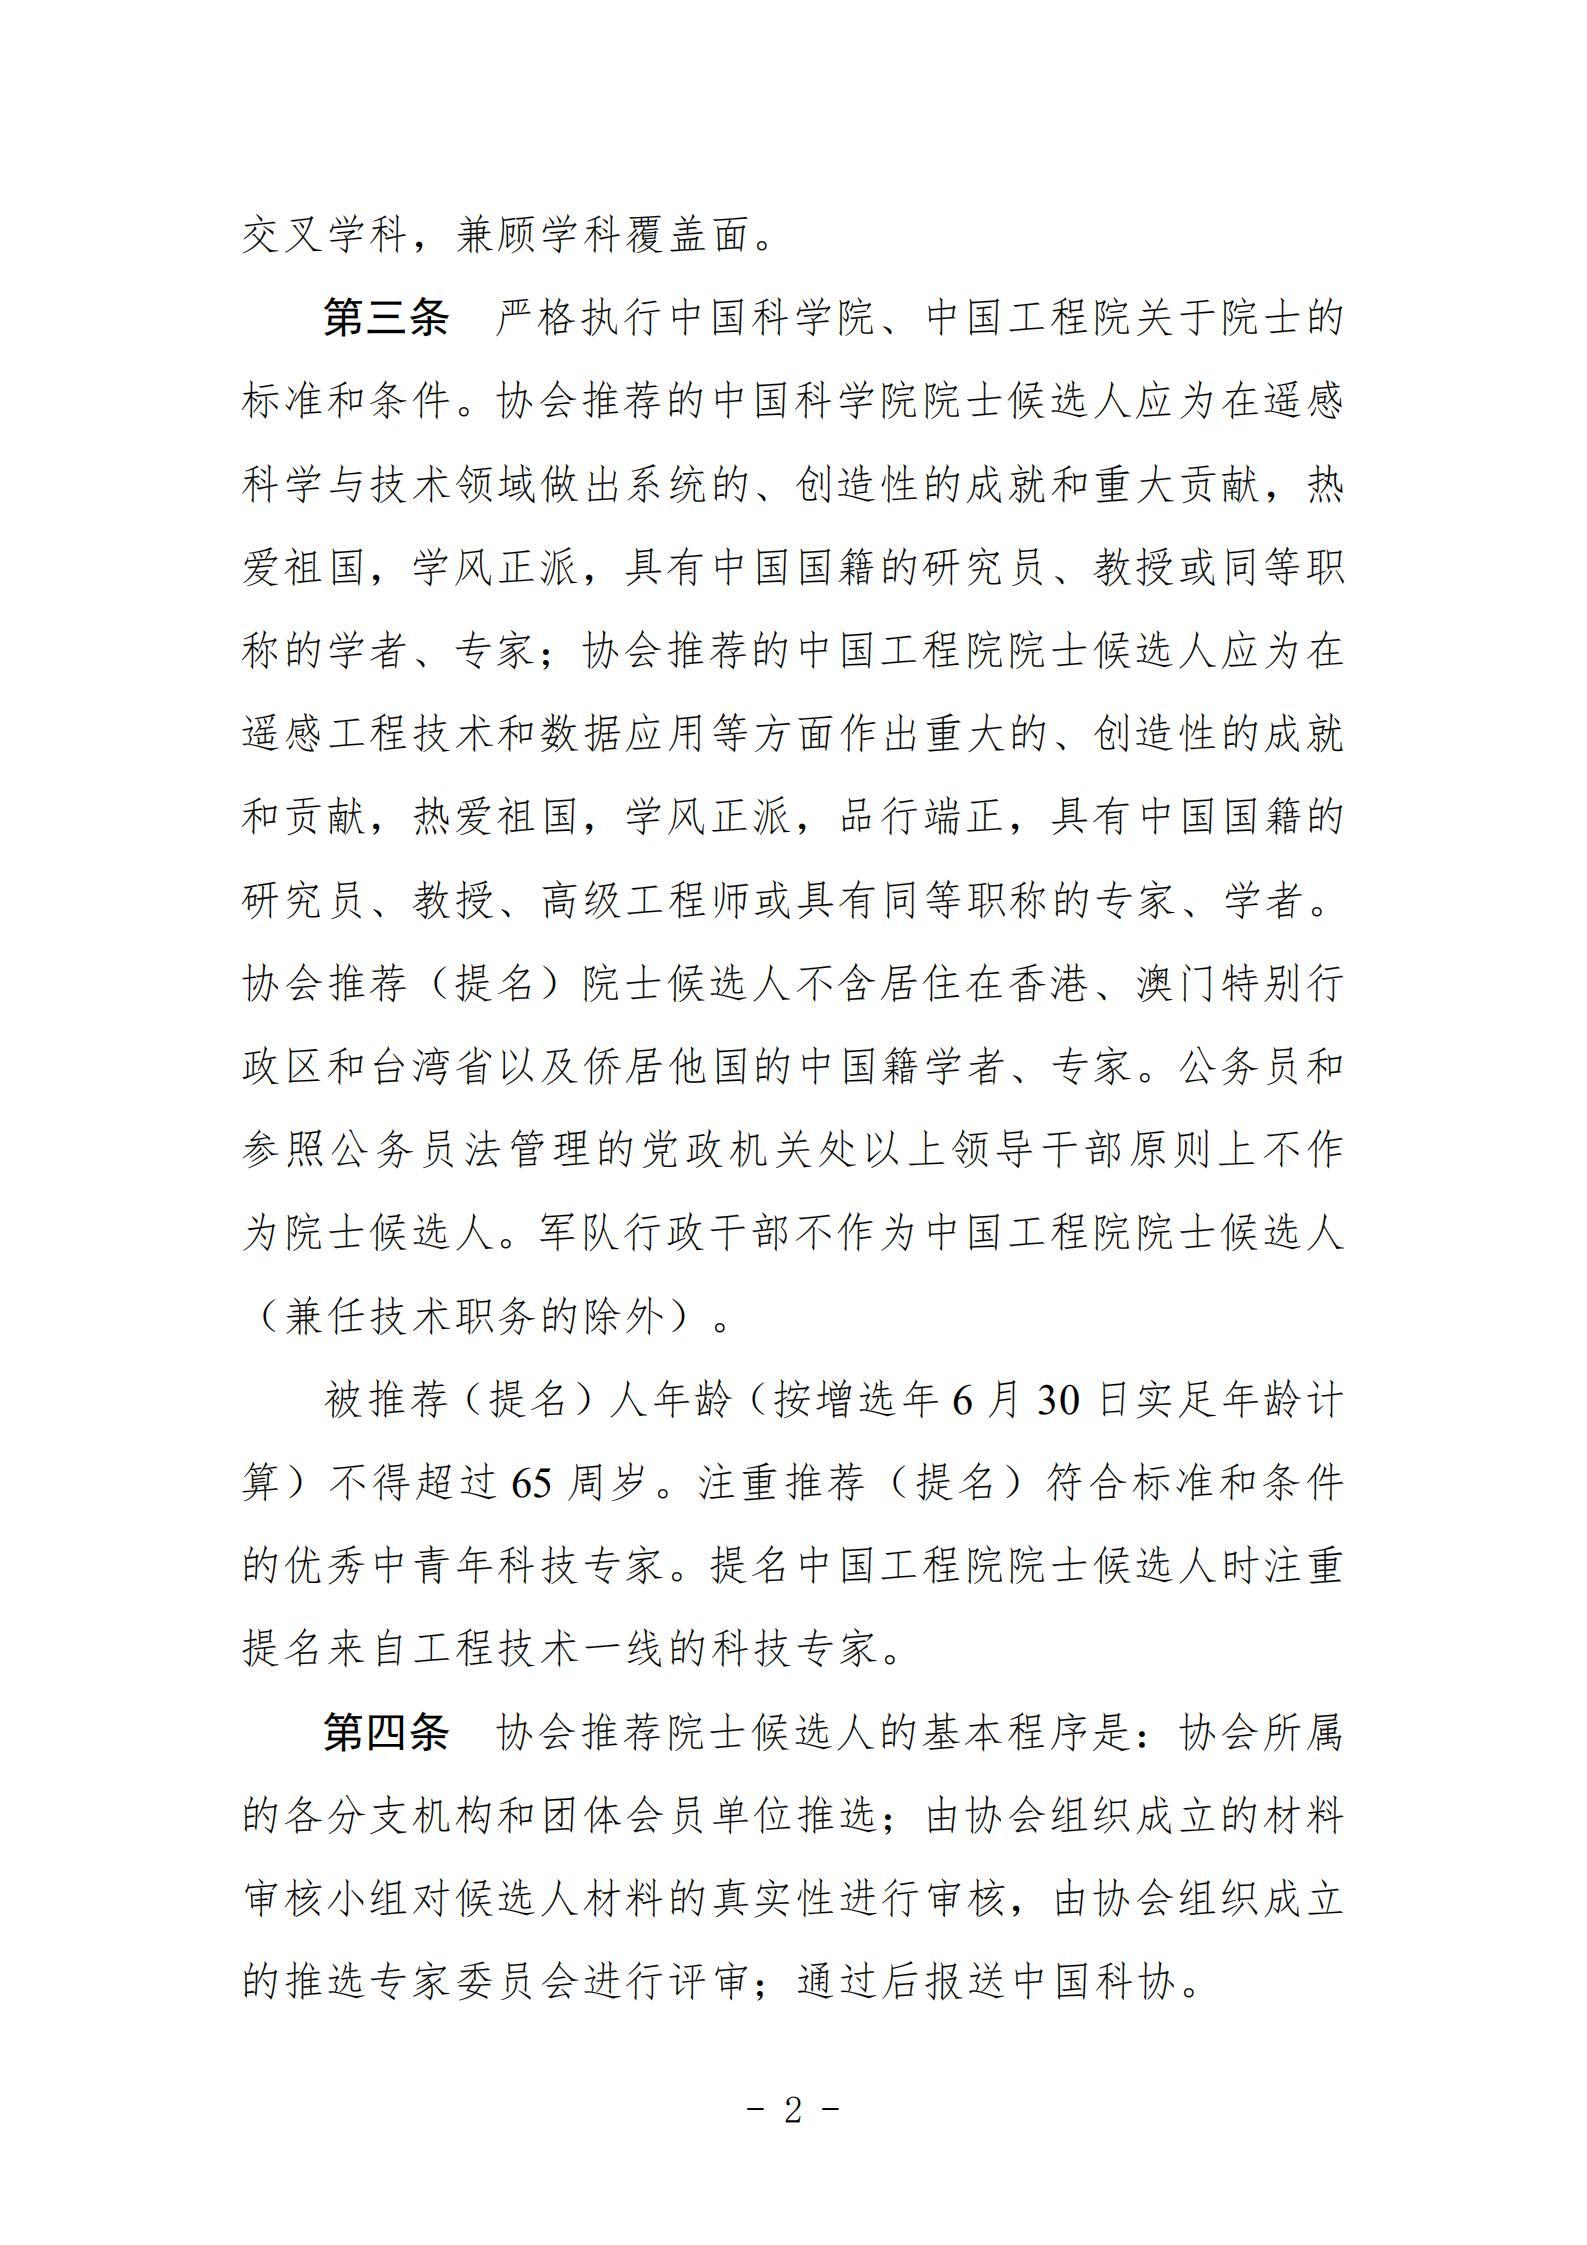 中國遙感應用協會關于組織推選2021年中國科學院和中國工程院院士候選人的通知_07.jpg